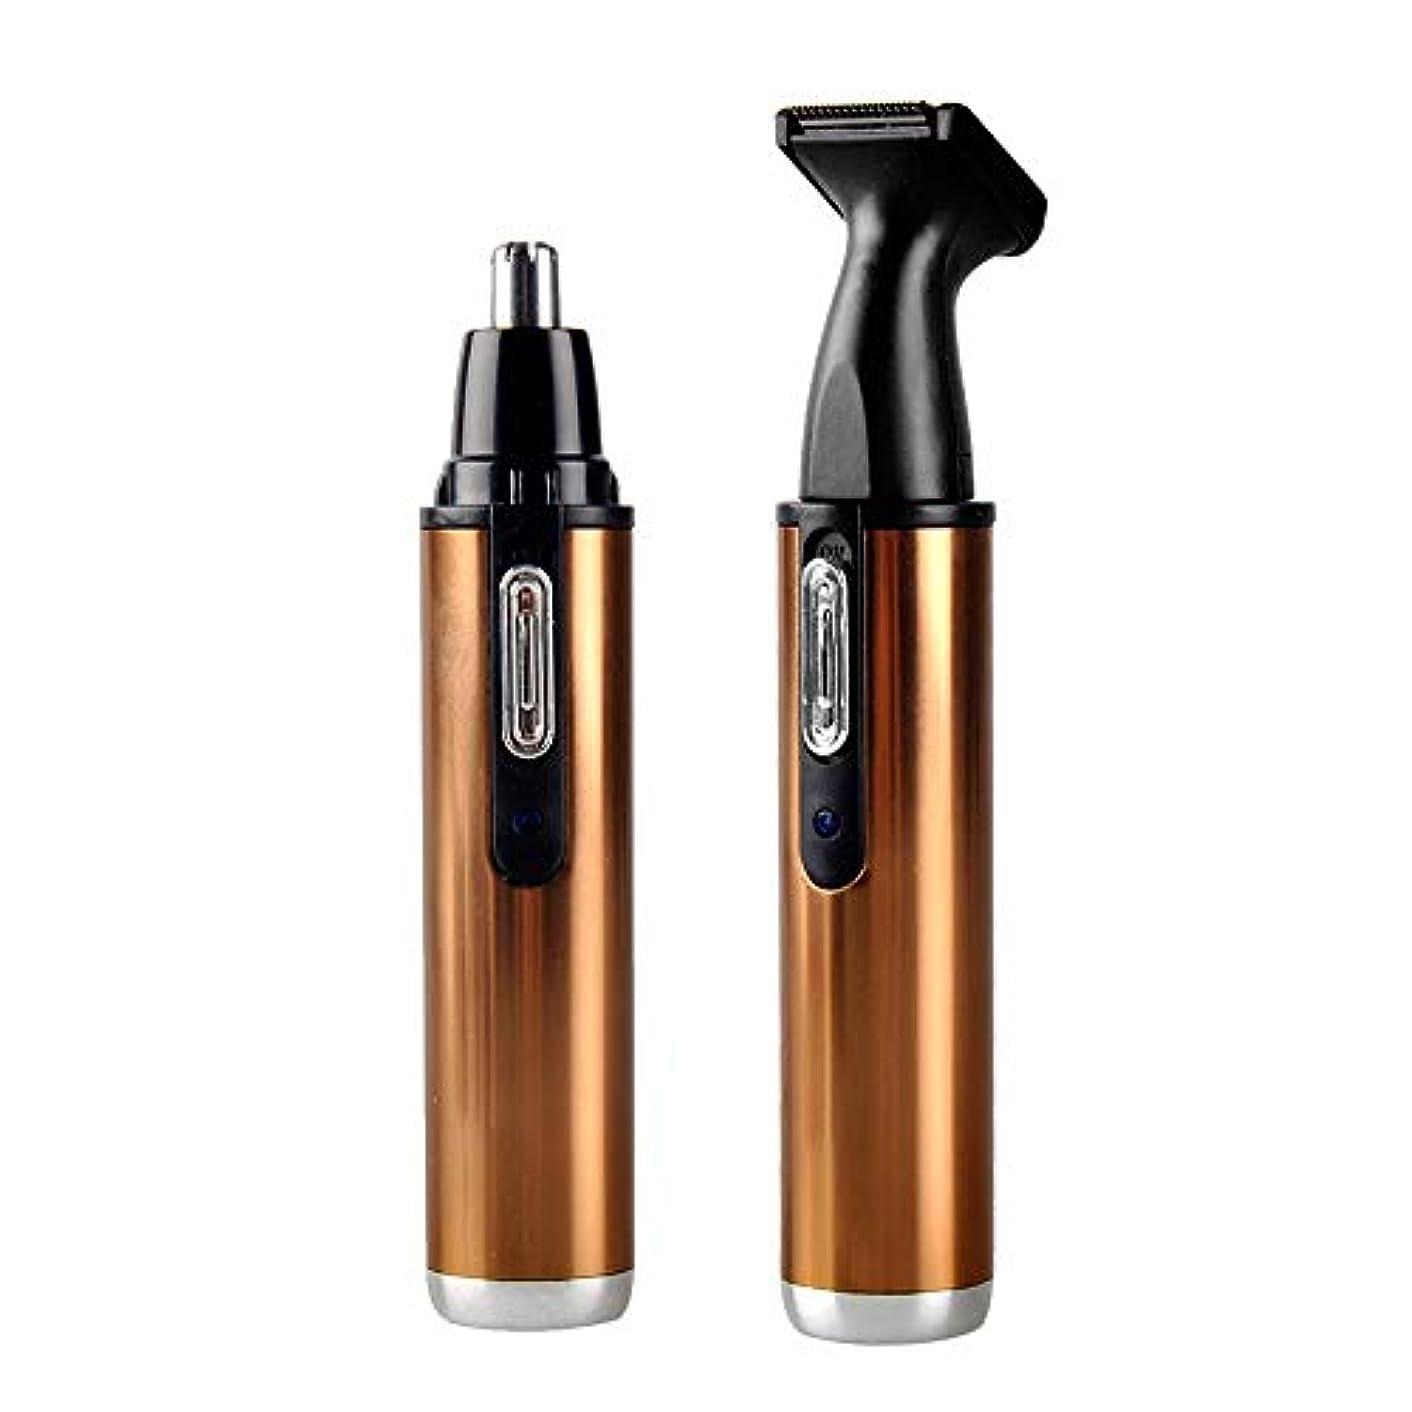 召喚するブート販売計画2-in-1電子鼻イヤートリマー、痛みのないトリミング、洗えるカッターヘッド、360°の強力な速度、充電式